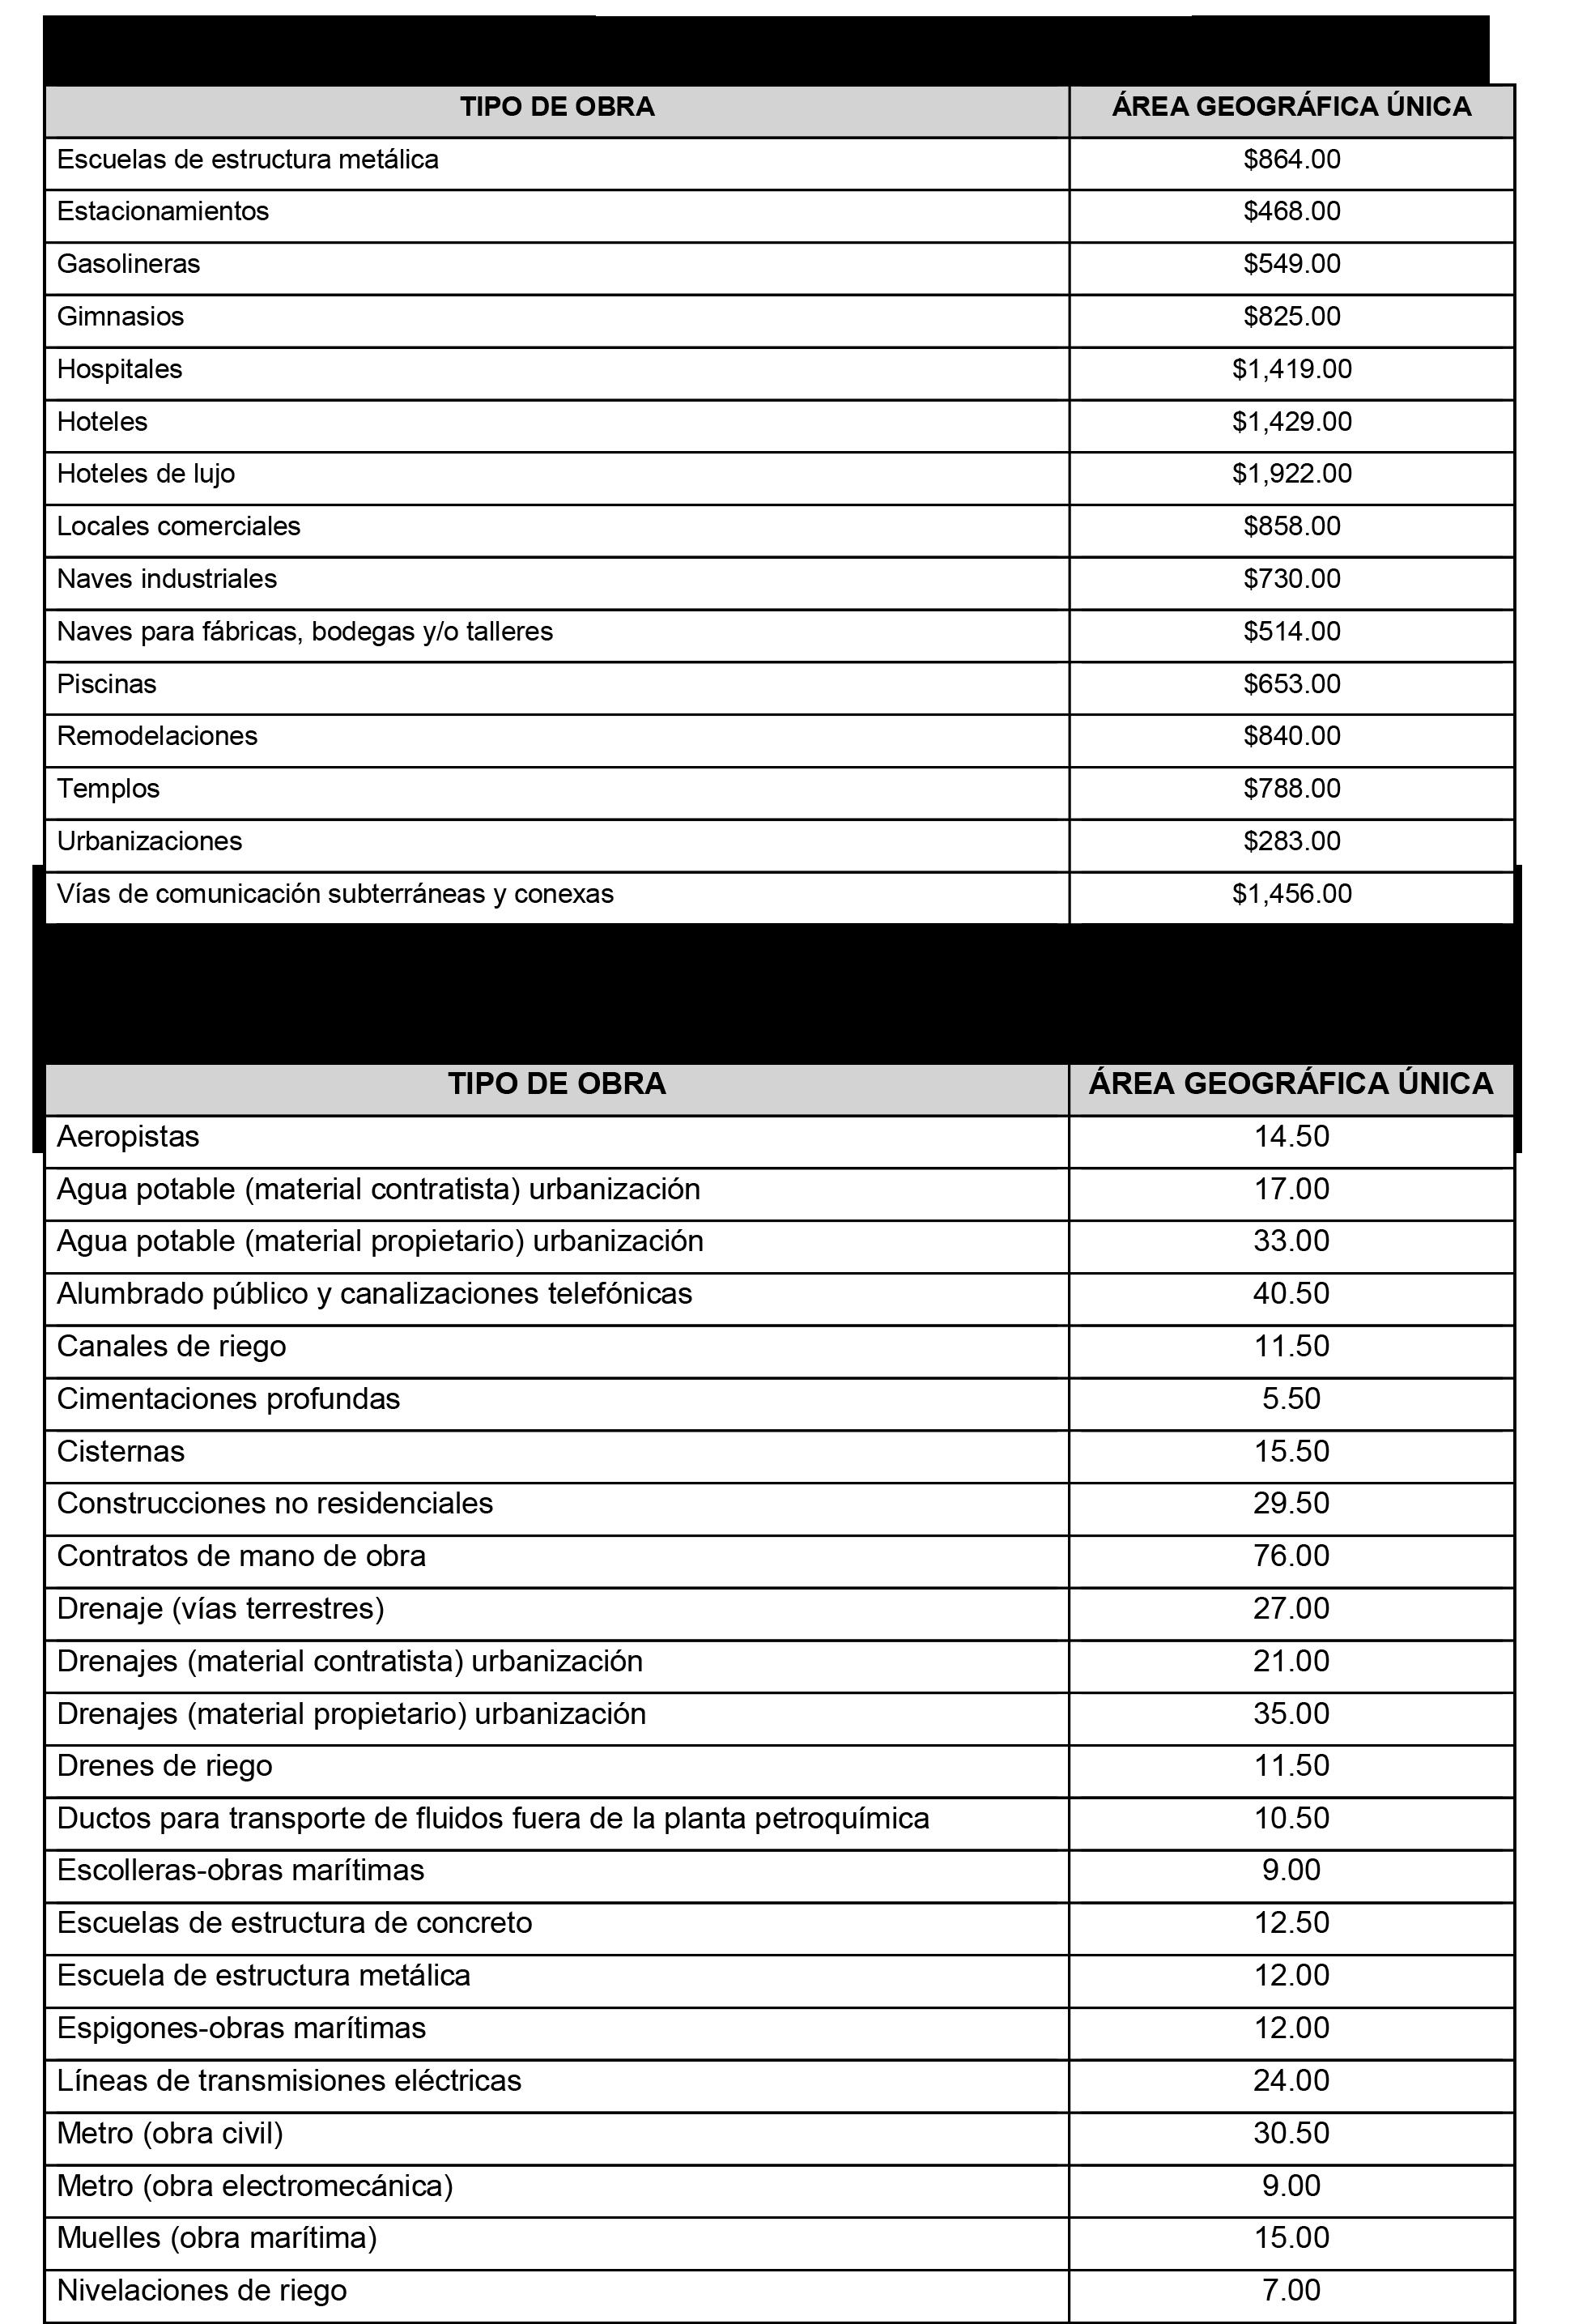 Lista de precios de construccin 2016 uocra lista de for Precios mano de obra construccion 2016 espana